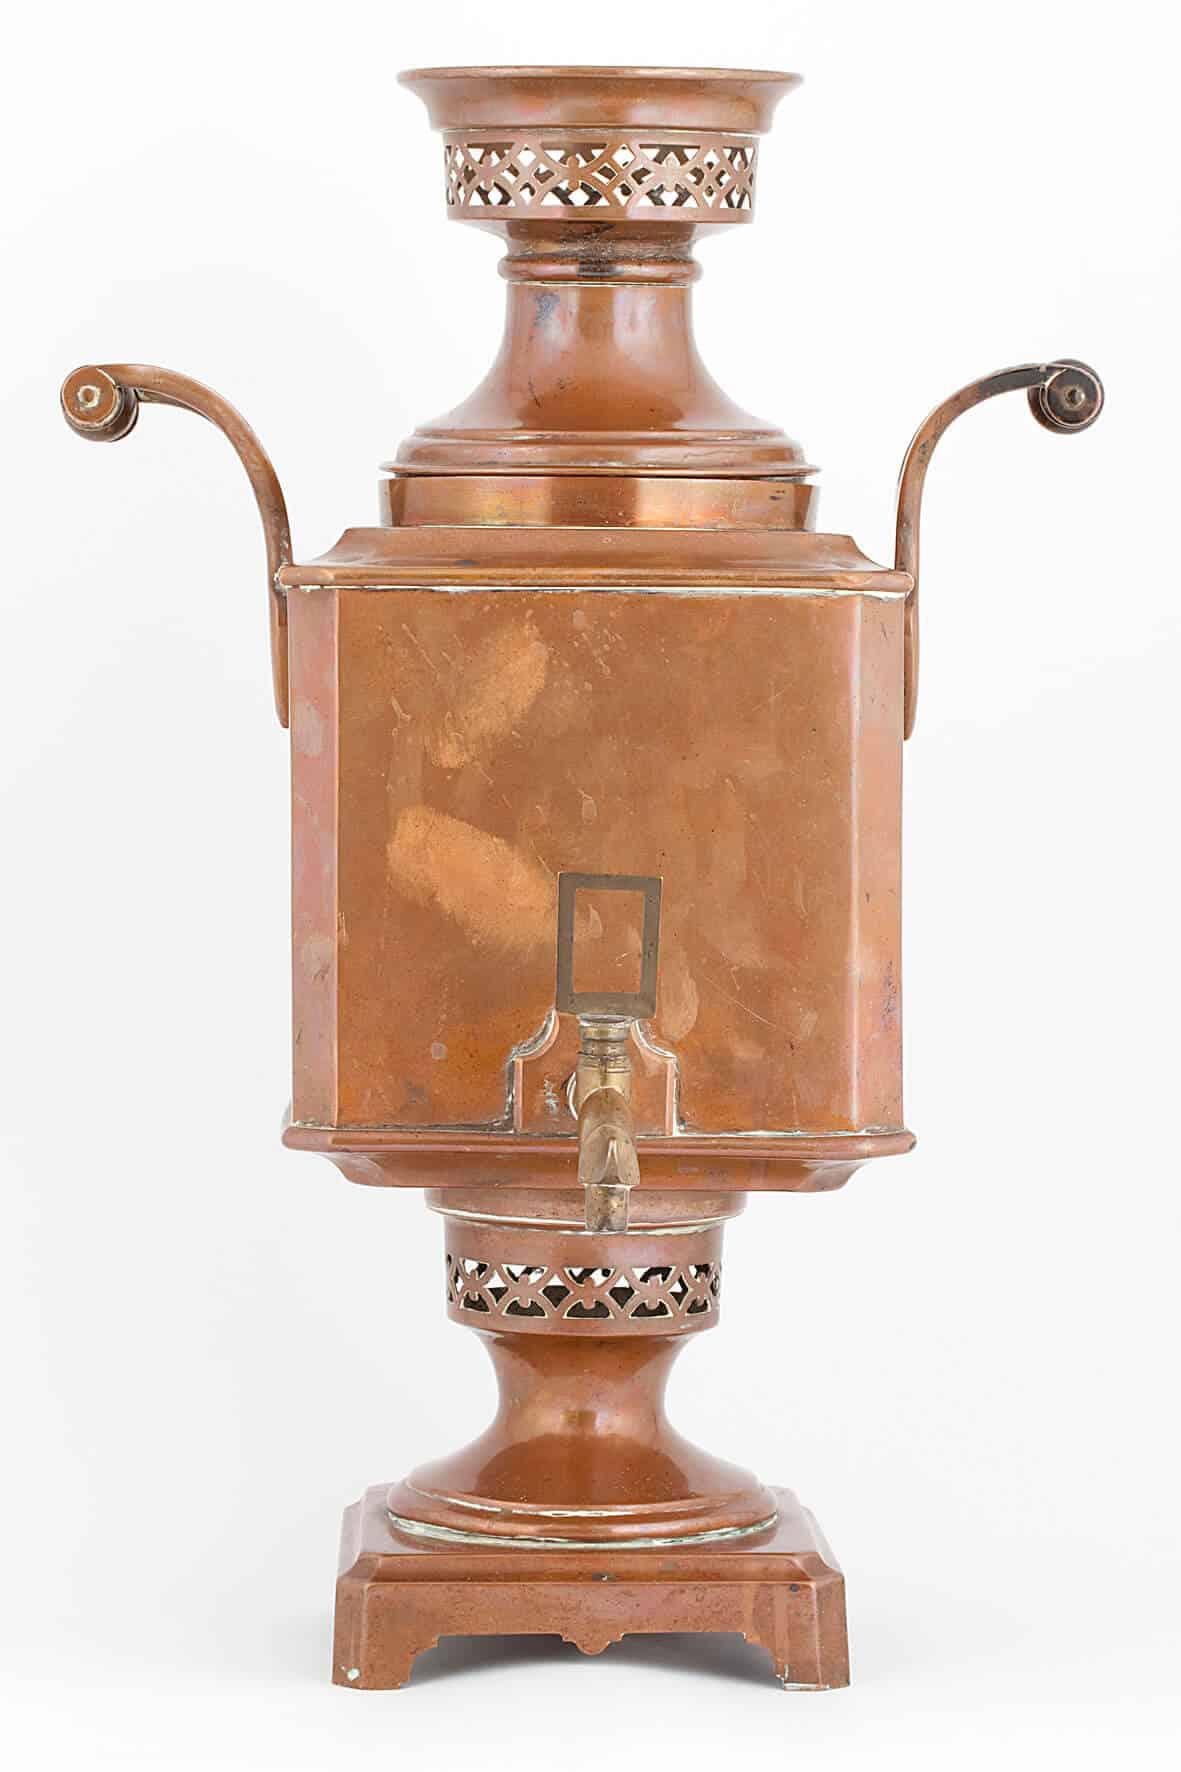 КБ 488 | Самовар–ваза «Прямоугольная» | Музей самоваров и бульоток